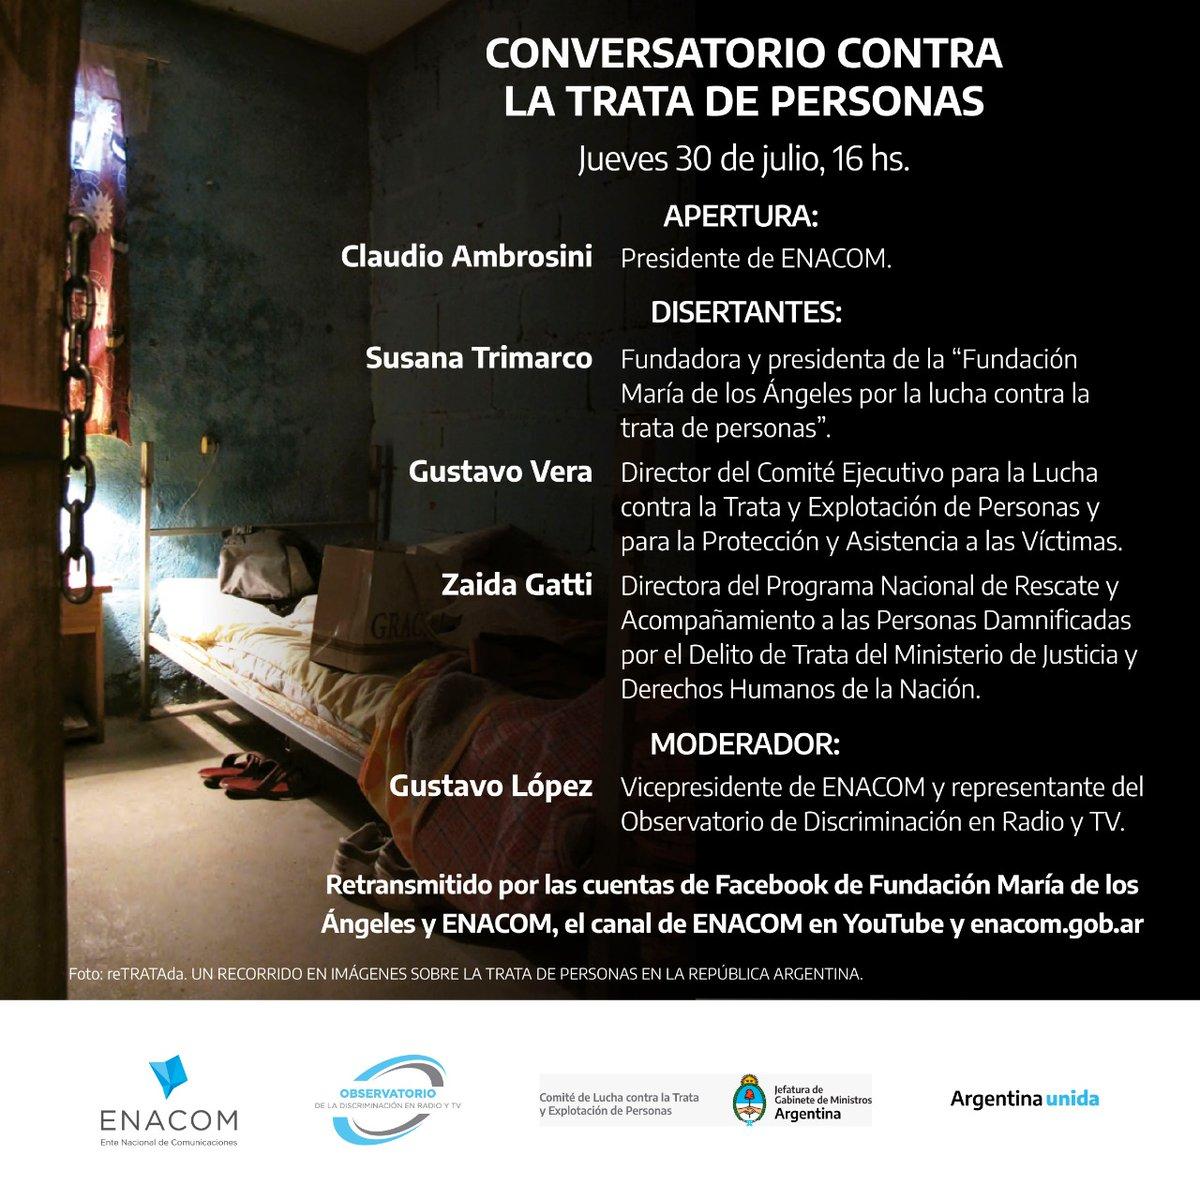 Los invitamos a participar de este conversatorio contra la trata de personas que será transmitido online. Pueden encontrar toda la información en la foto. https://t.co/ImvVptn6Fb